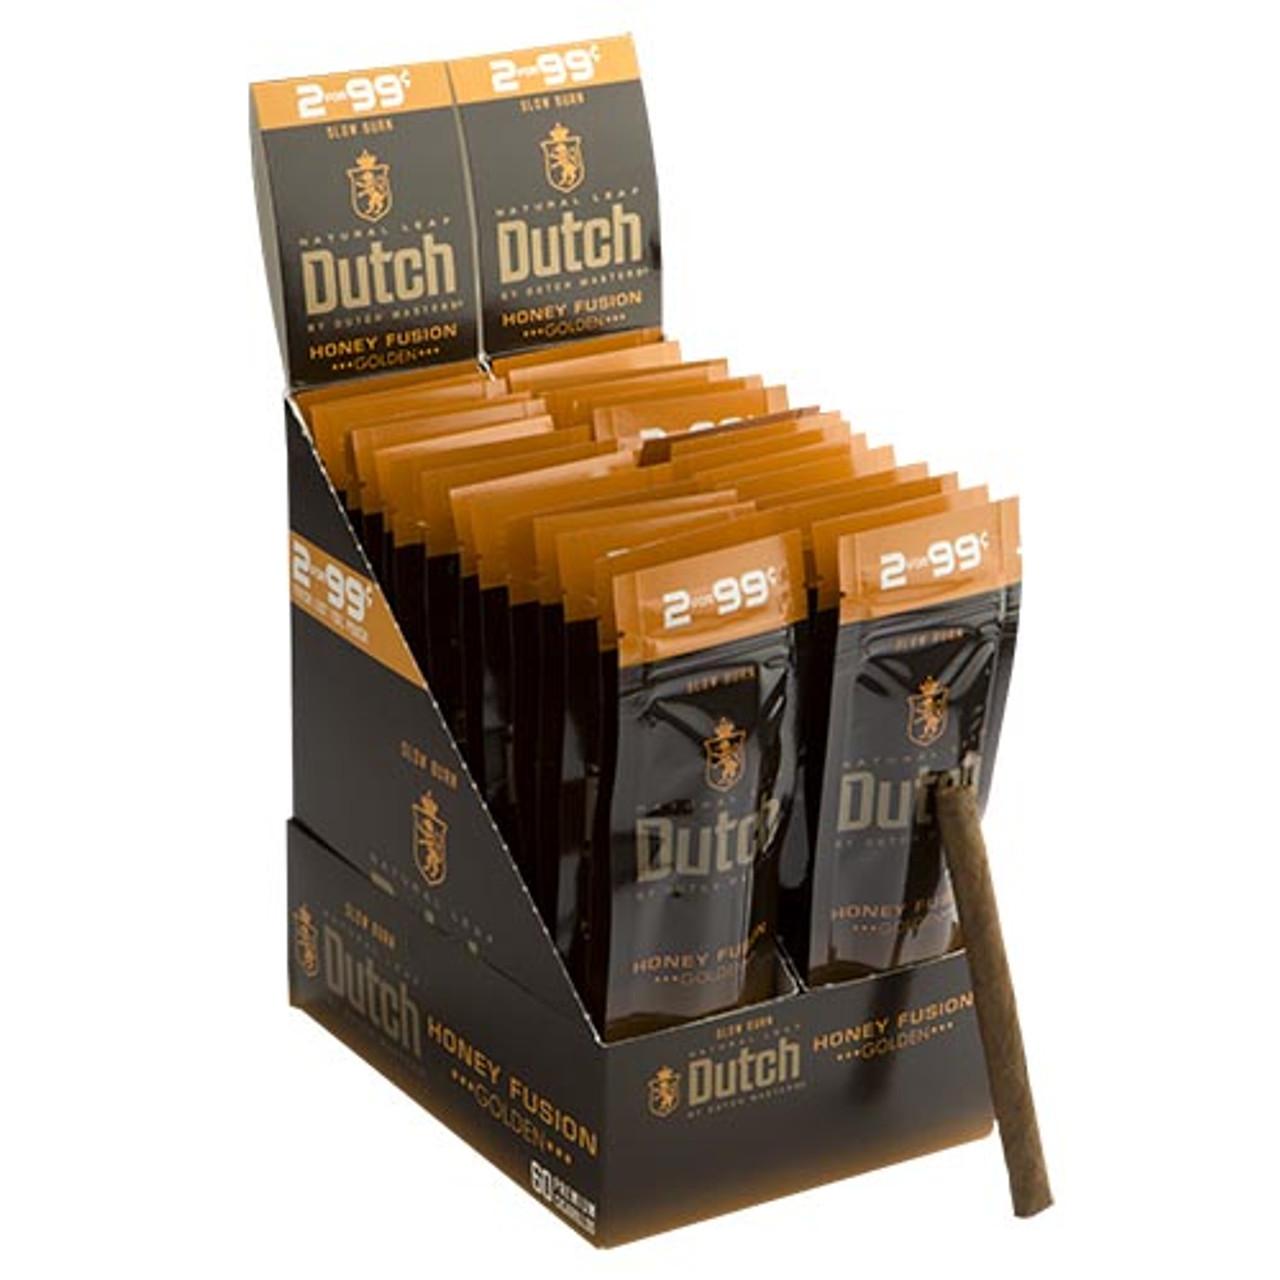 Dutch Masters Cigarillos Honey Fusion Cigars (30 Packs of 2) - Natural